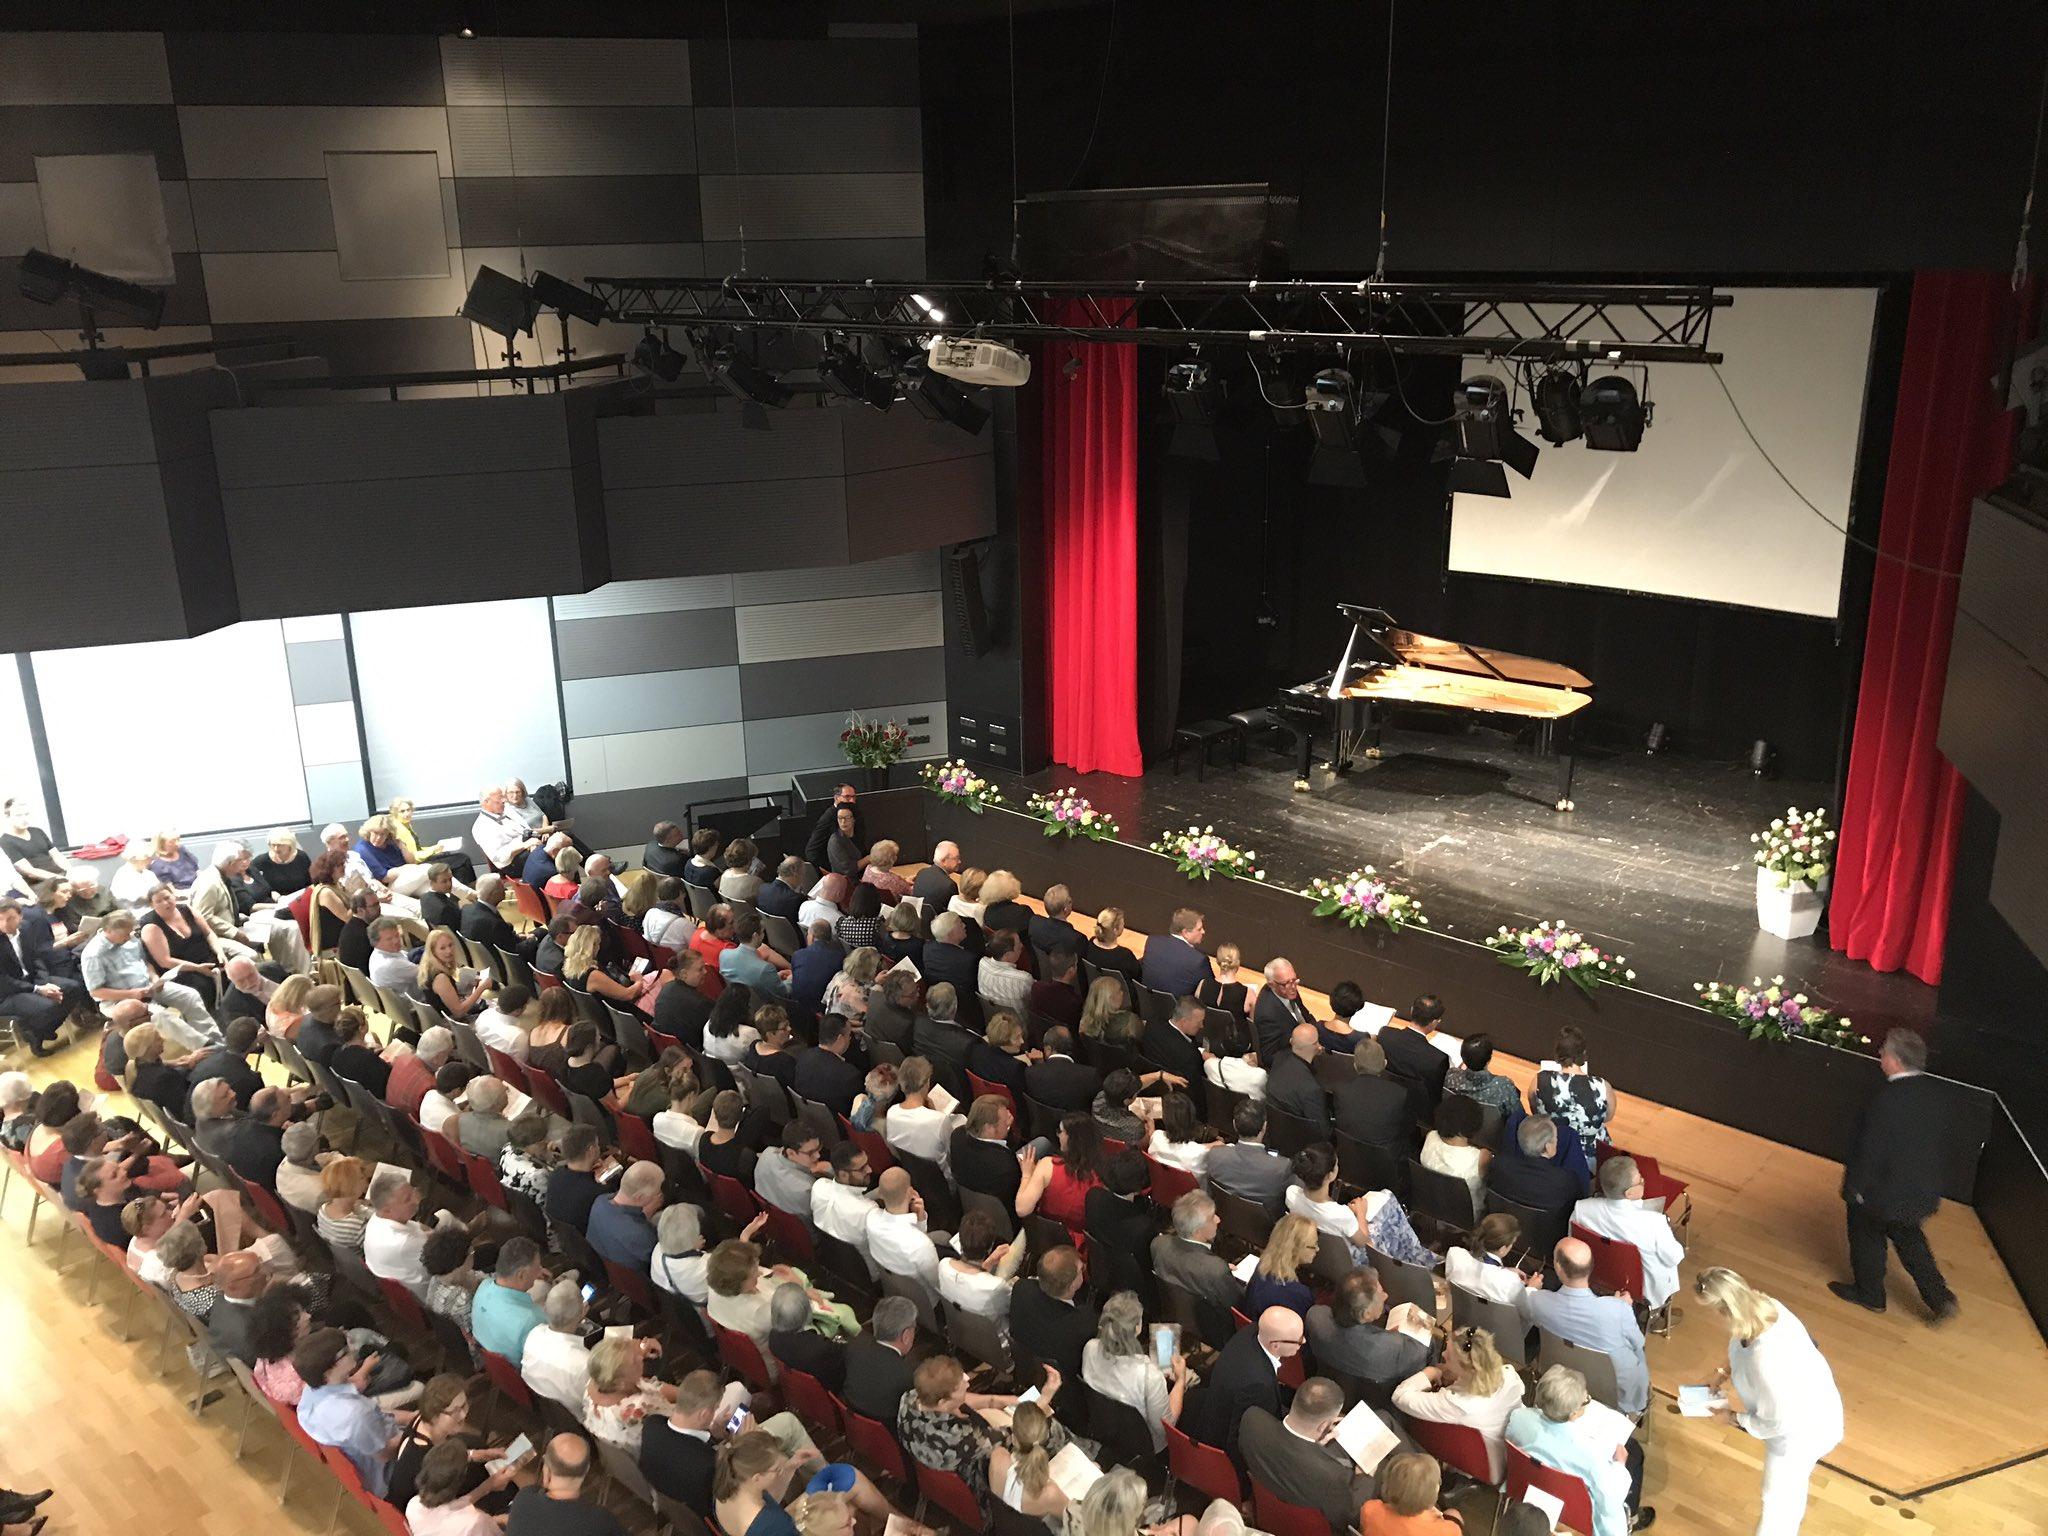 Beim Konzert treffen Vertreterinnen und Vertreter der stiftenden Richard-Wagner-Verbände auf die jungen Talente des #BFstipendium-Programms. https://t.co/048r6IzQ0R